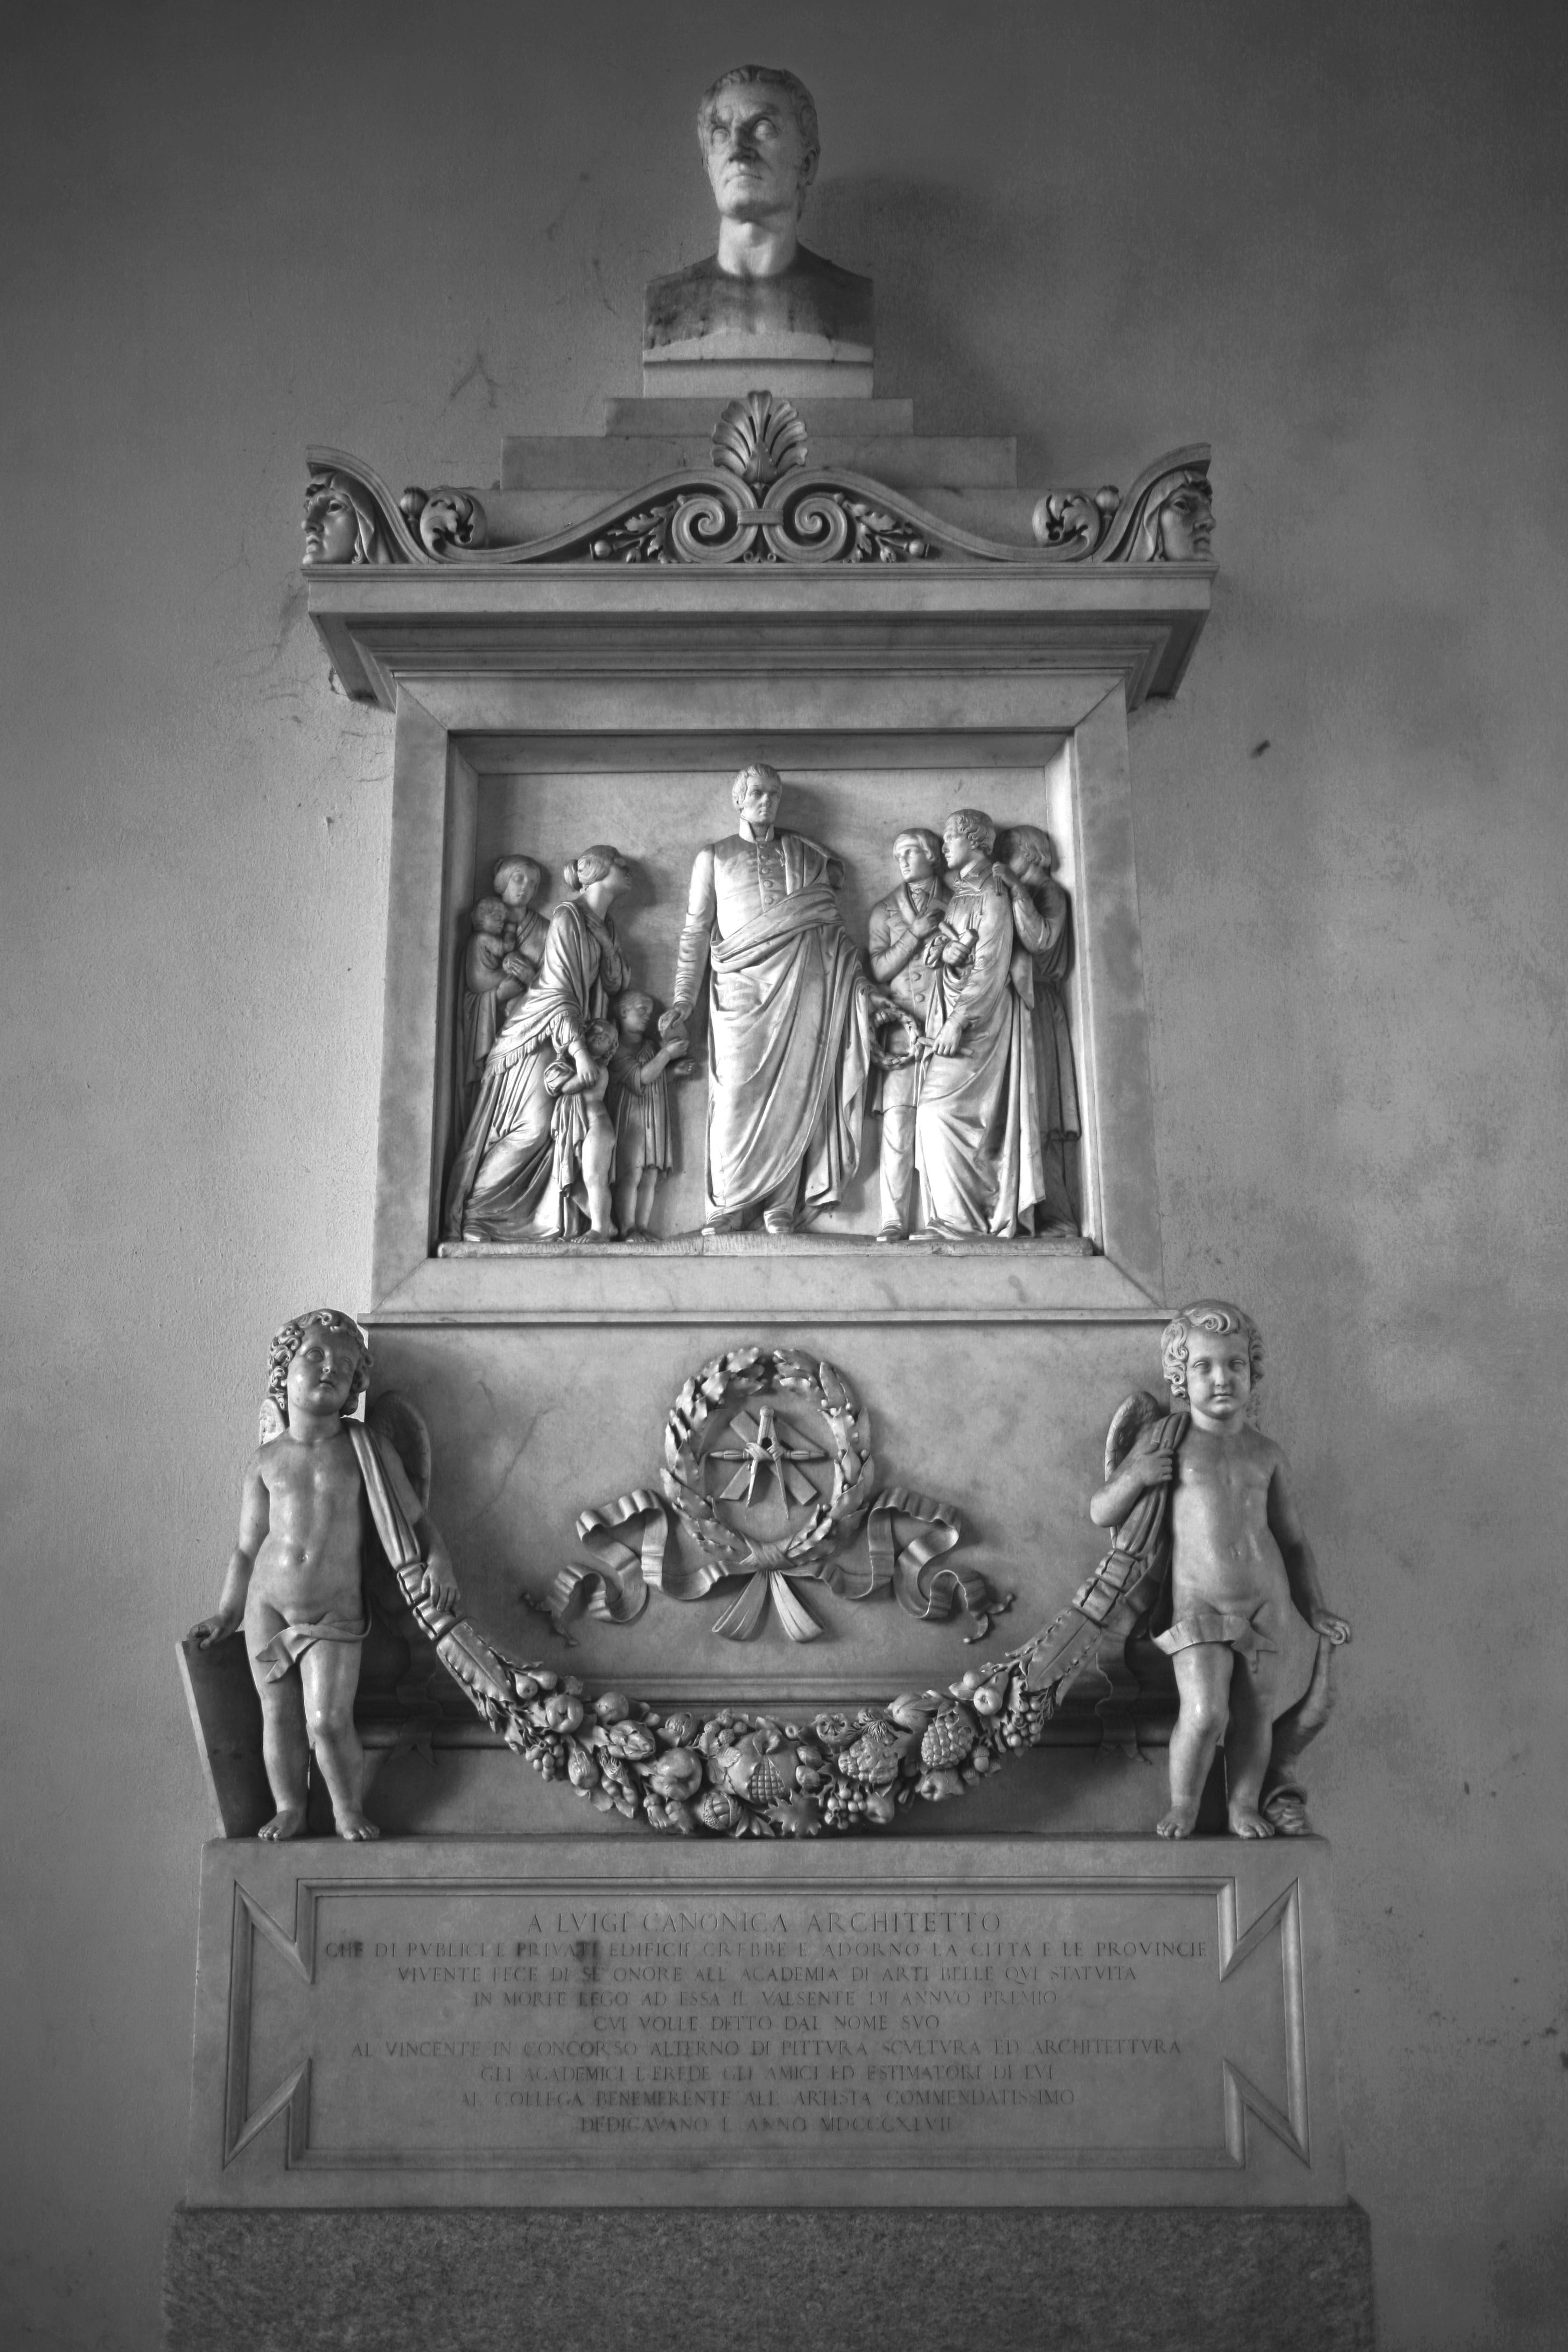 File raffaele monti monumento a luigi canonica 1847 for Belle arti milano brera